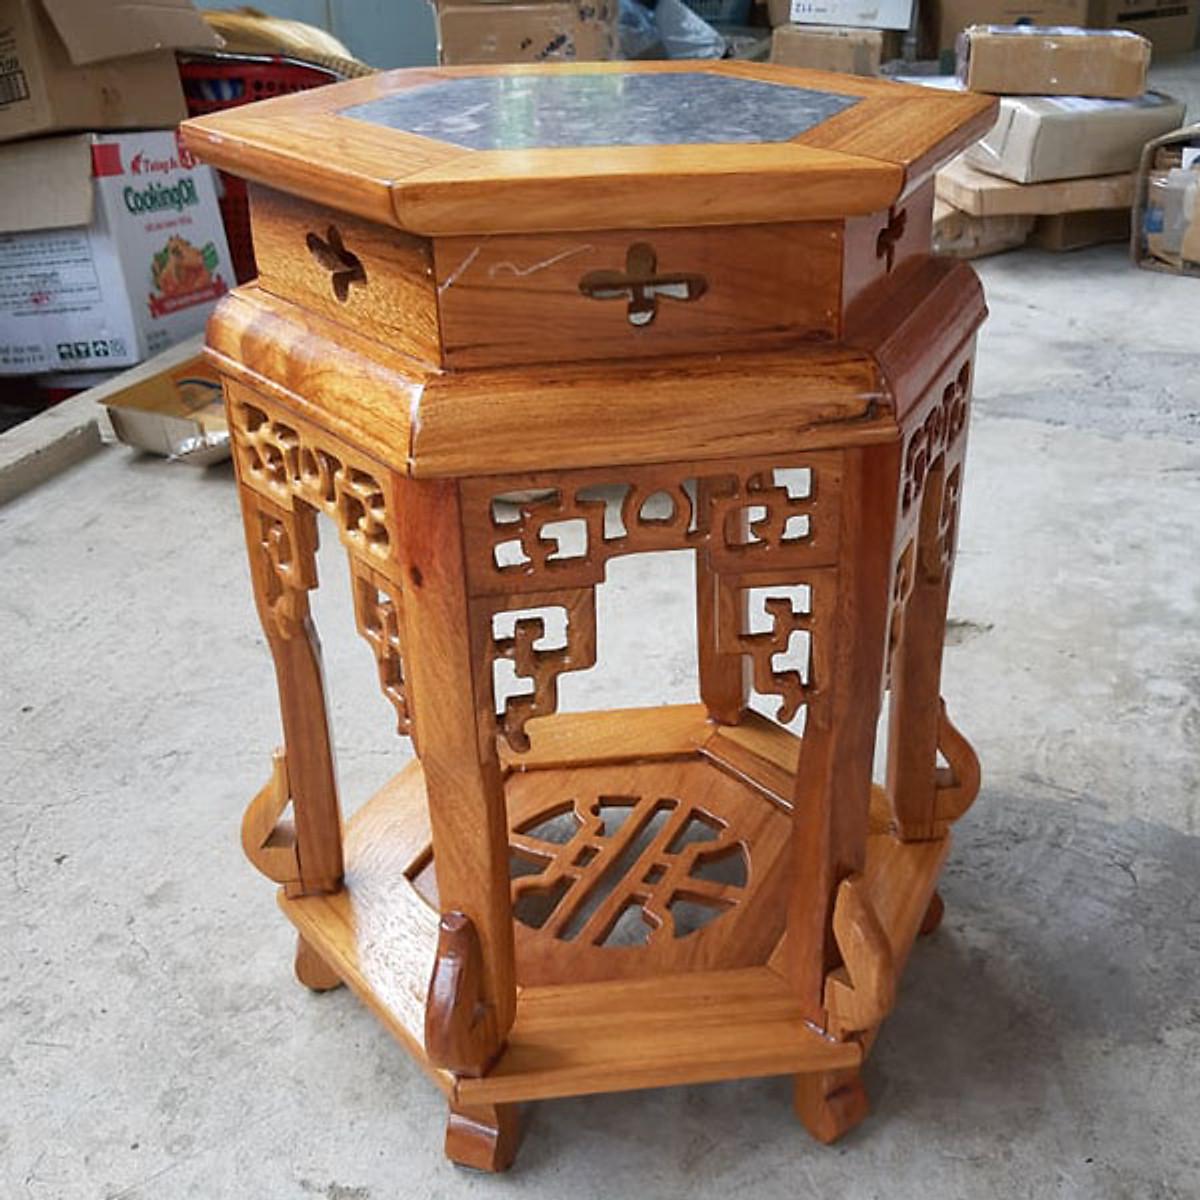 Ghế đôn lục giác cao 60cm , mặt ghế 32cm, kết hợp giữa gỗ và đá, - 1